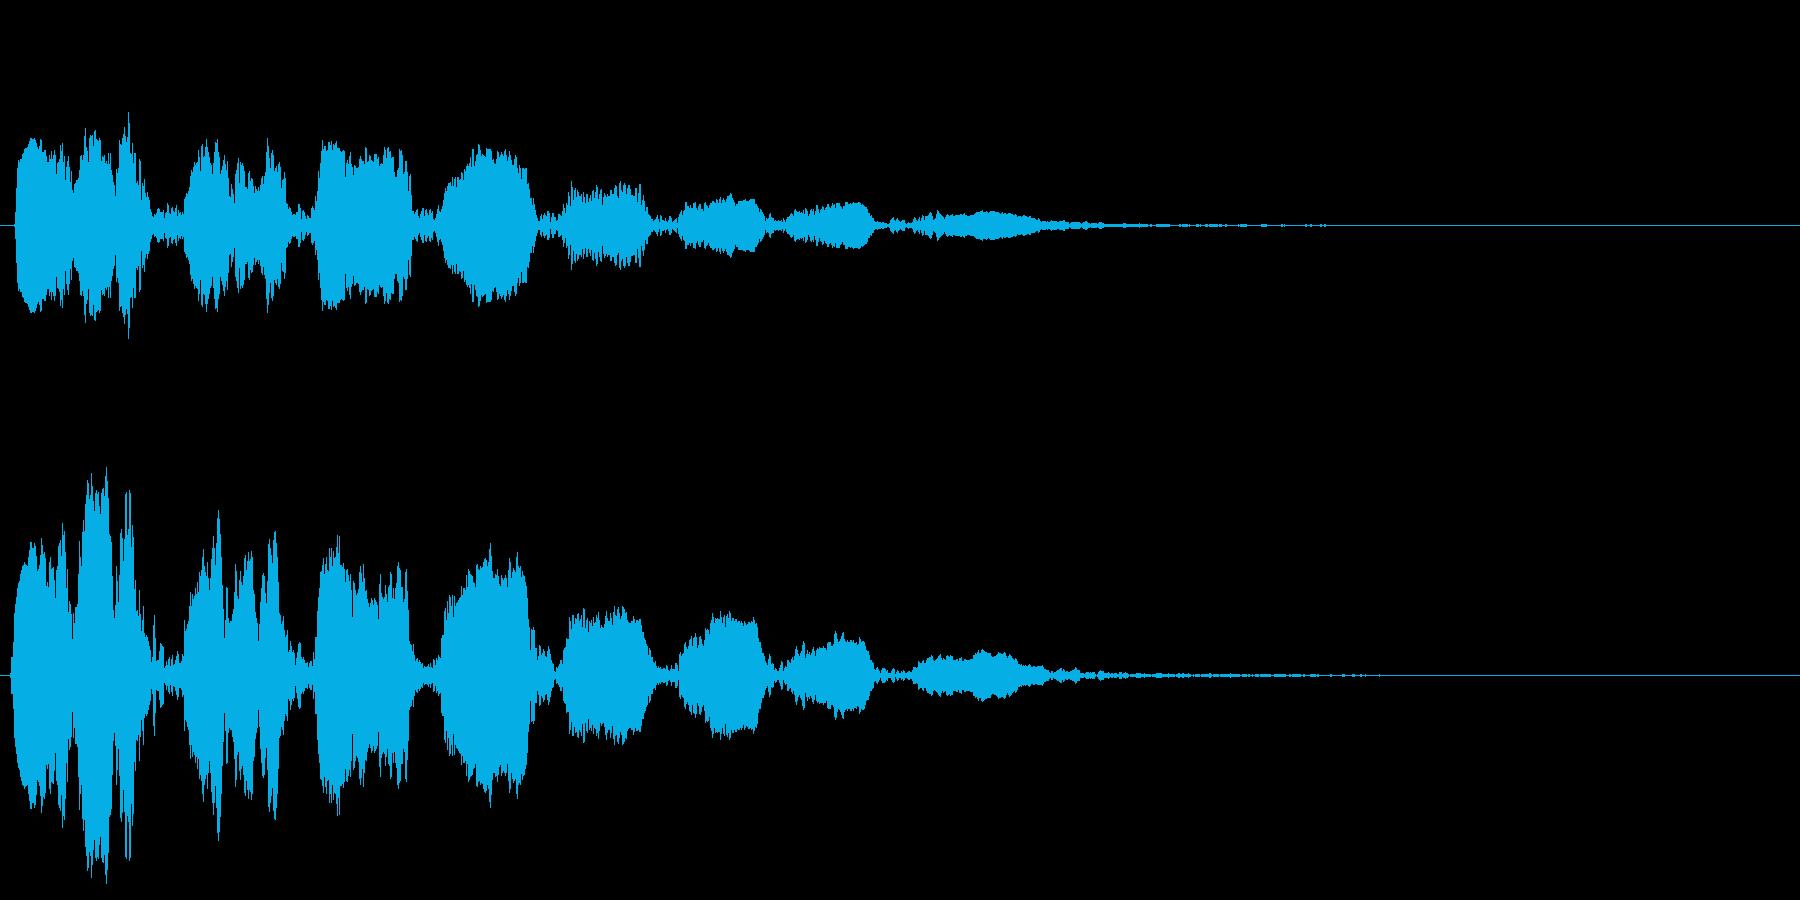 おばけ ひゅうひゅうひゅうひゅうの再生済みの波形